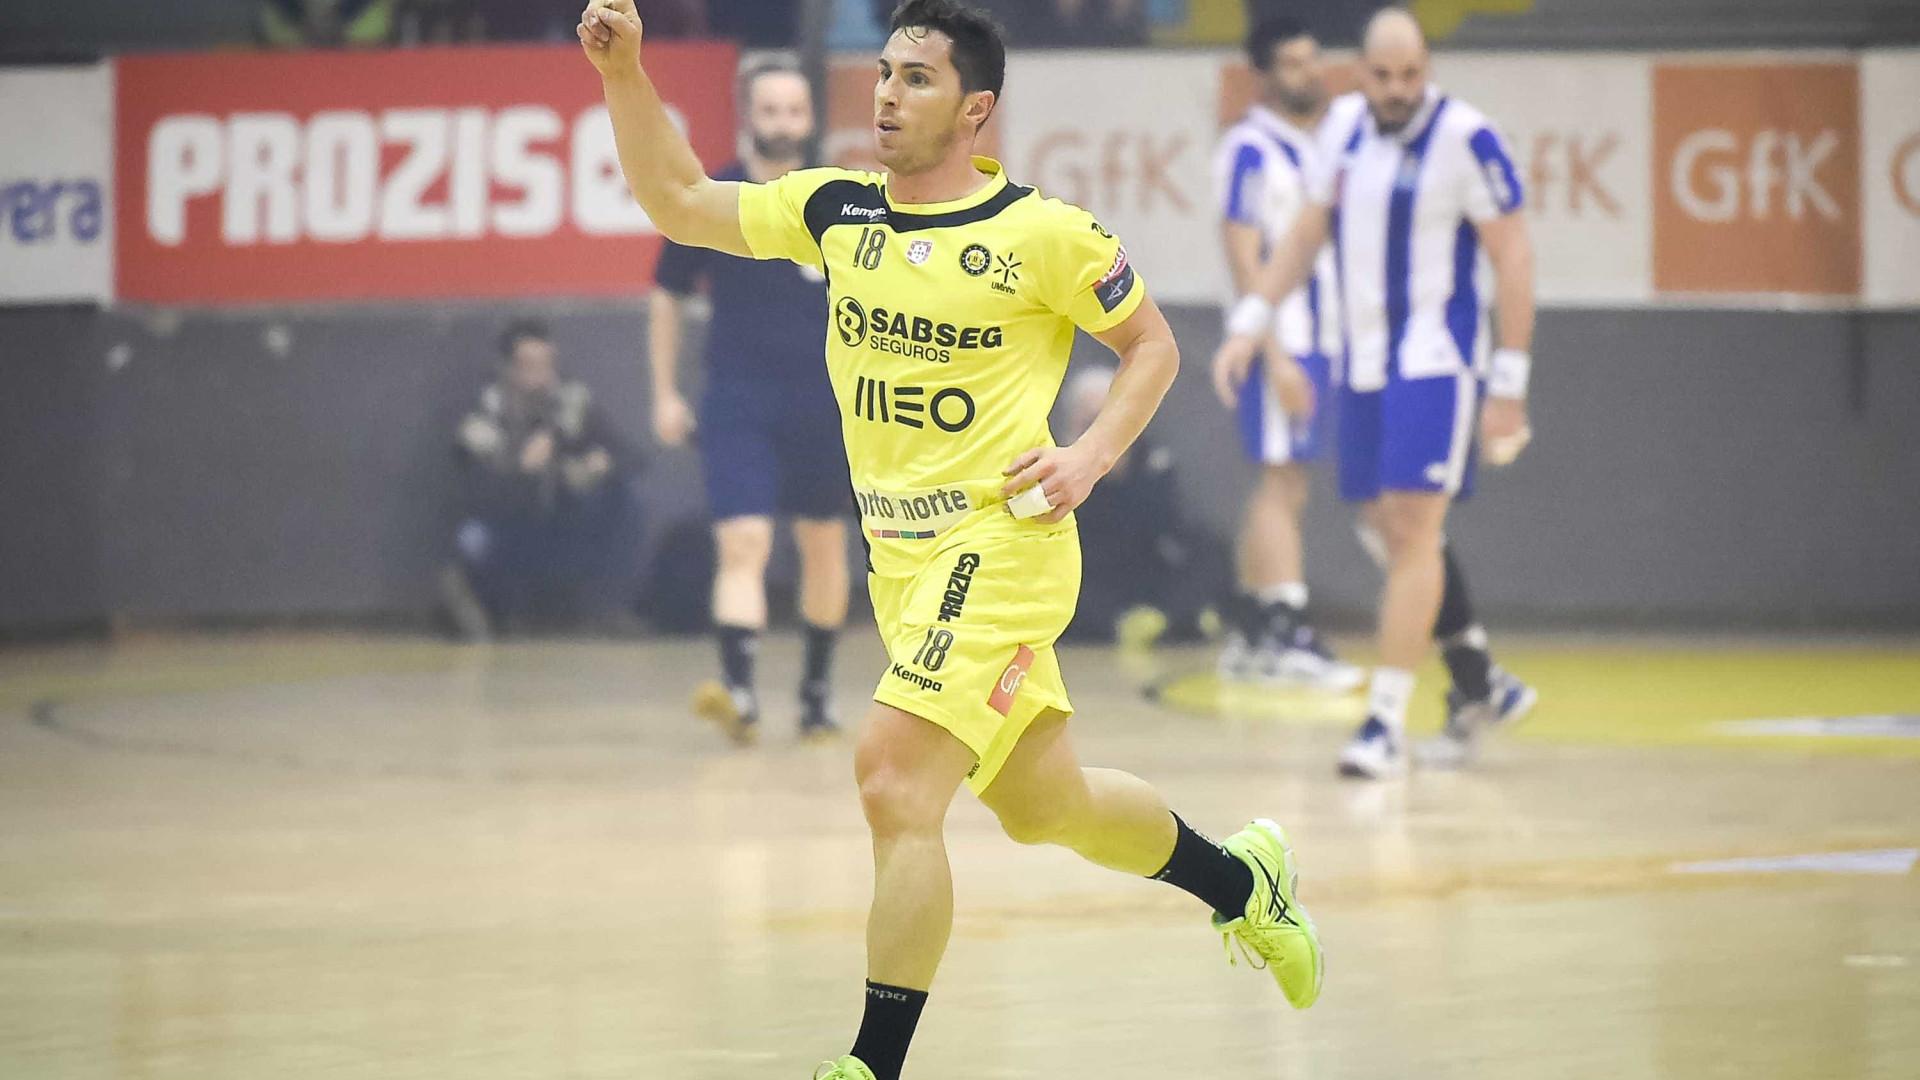 PS exige intervenção da câmara de Braga na crise do clube ABC